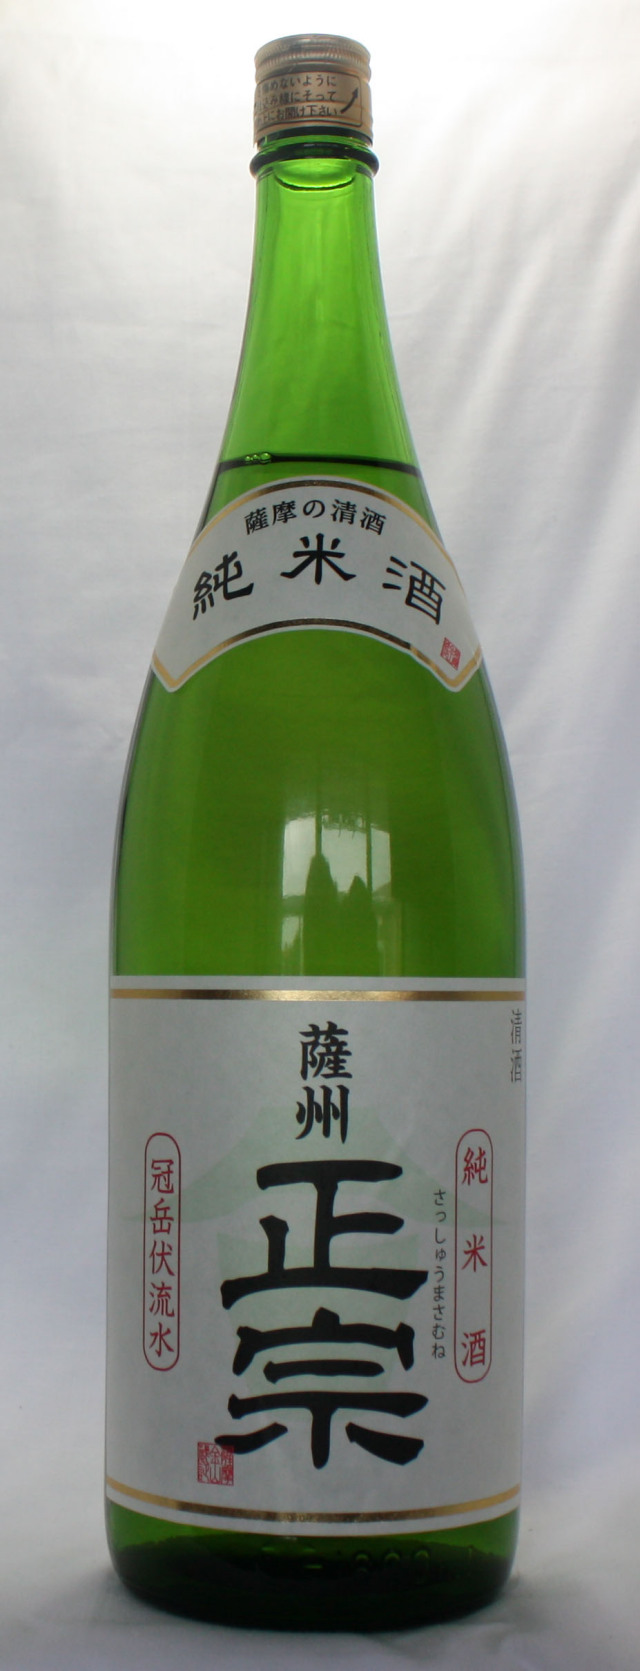 薩州正宗 (さっしゅうまさむね) 1800ml